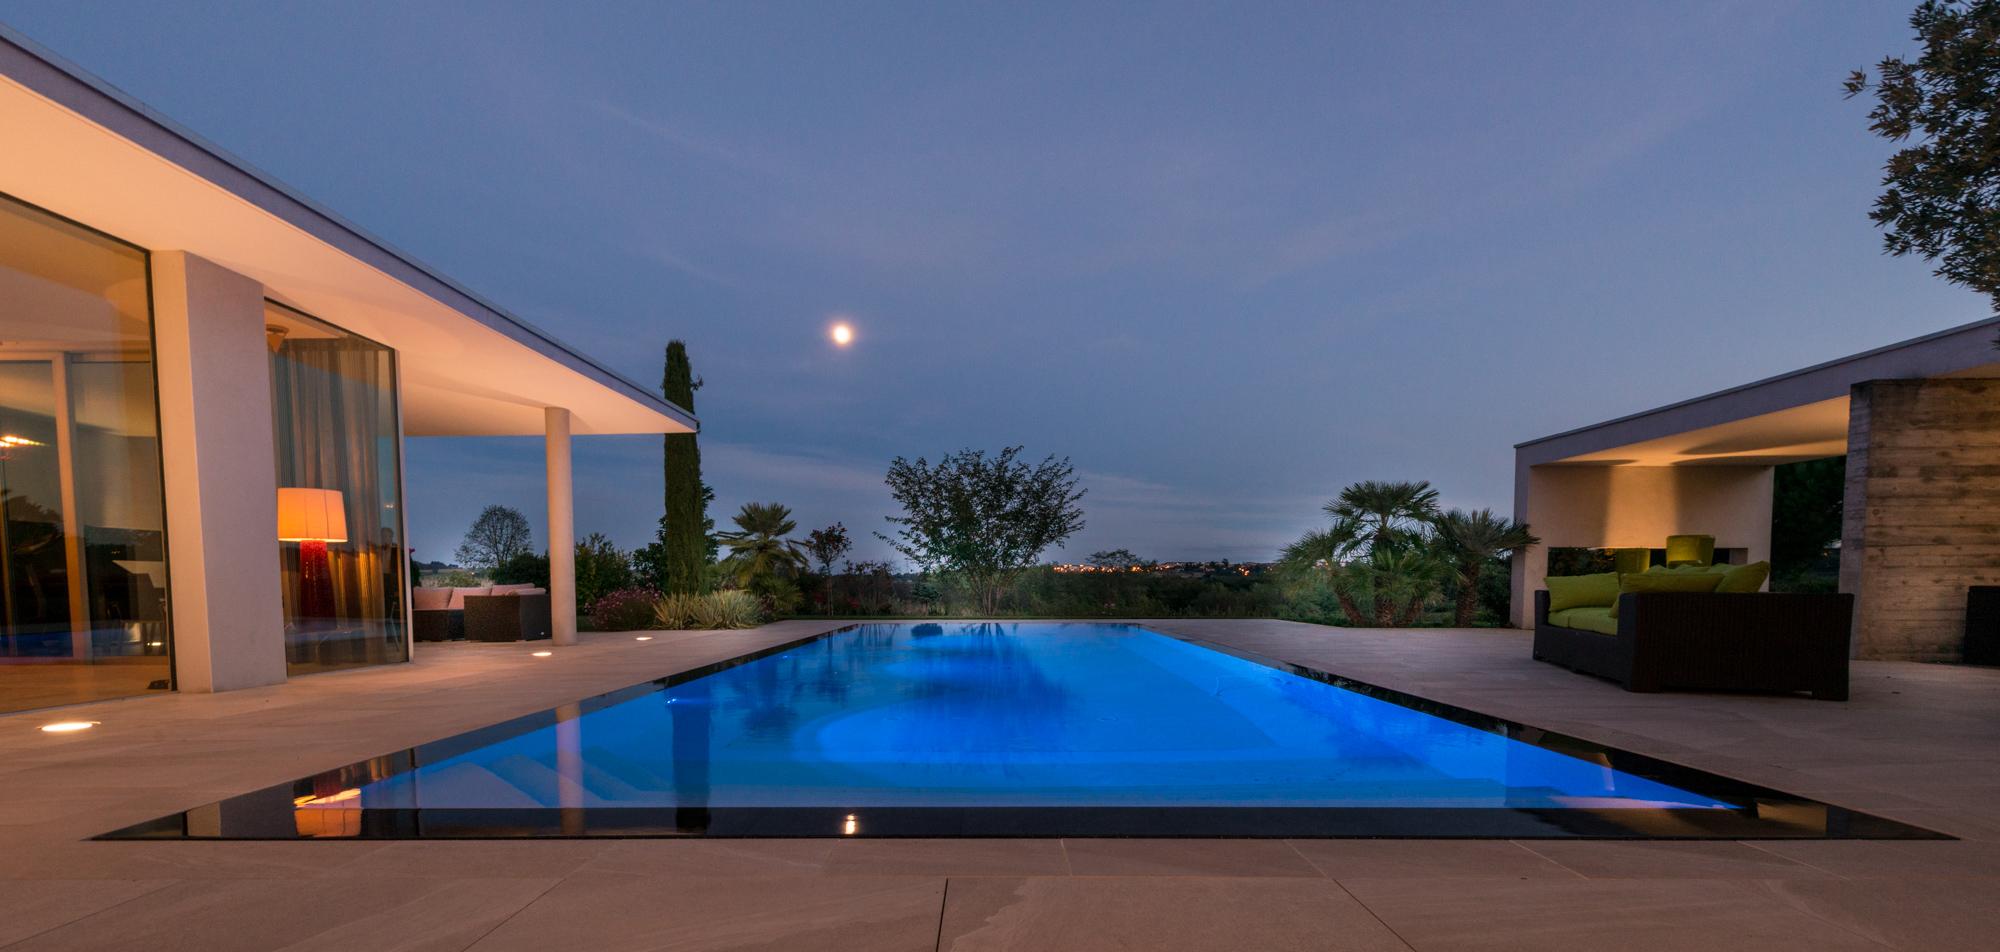 eclairage piscine debordement